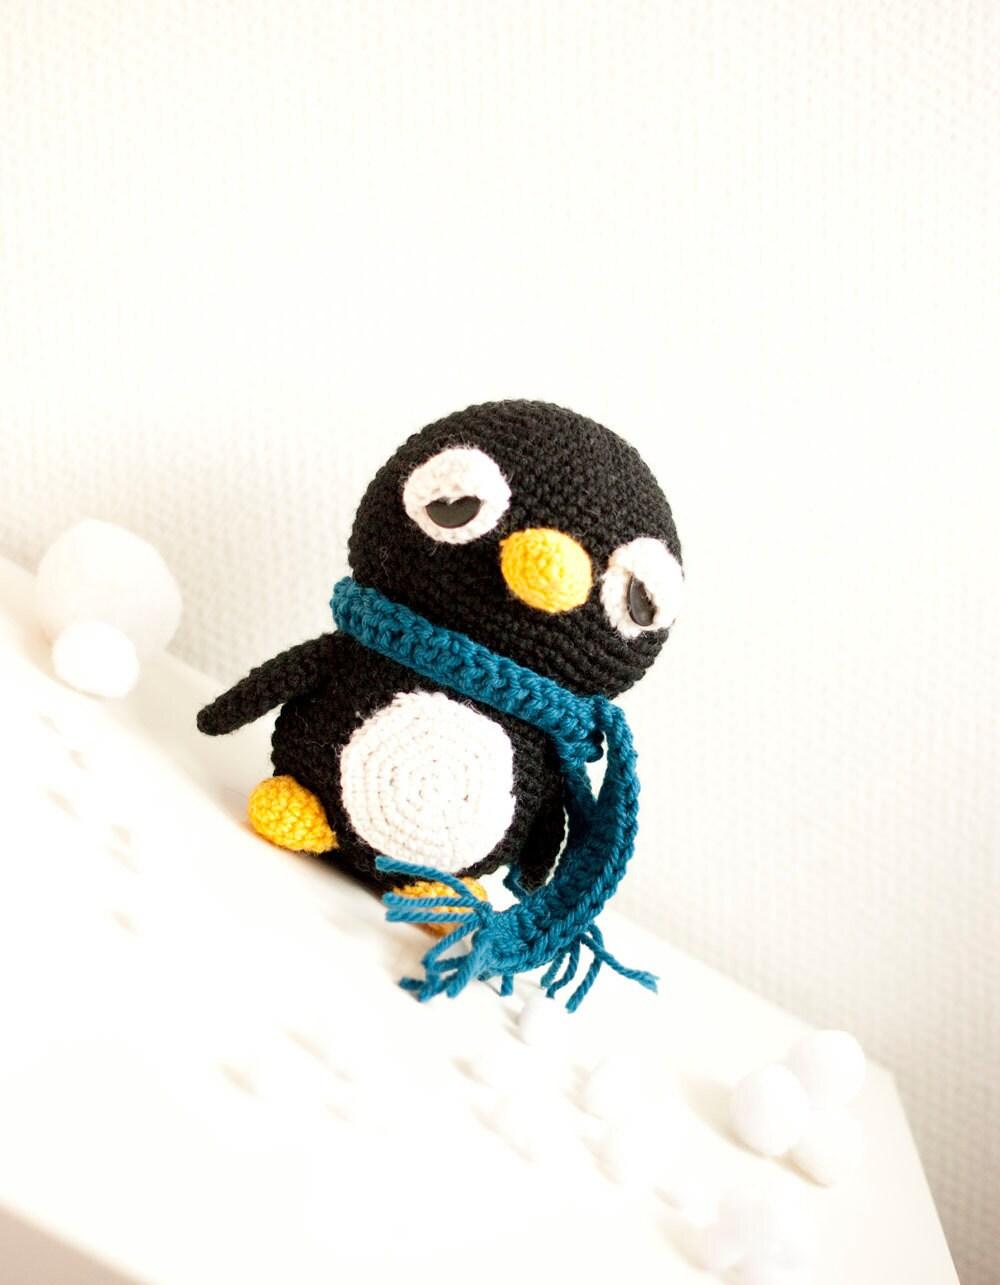 Amigurumi Linux Penguin : Unavailable Listing on Etsy